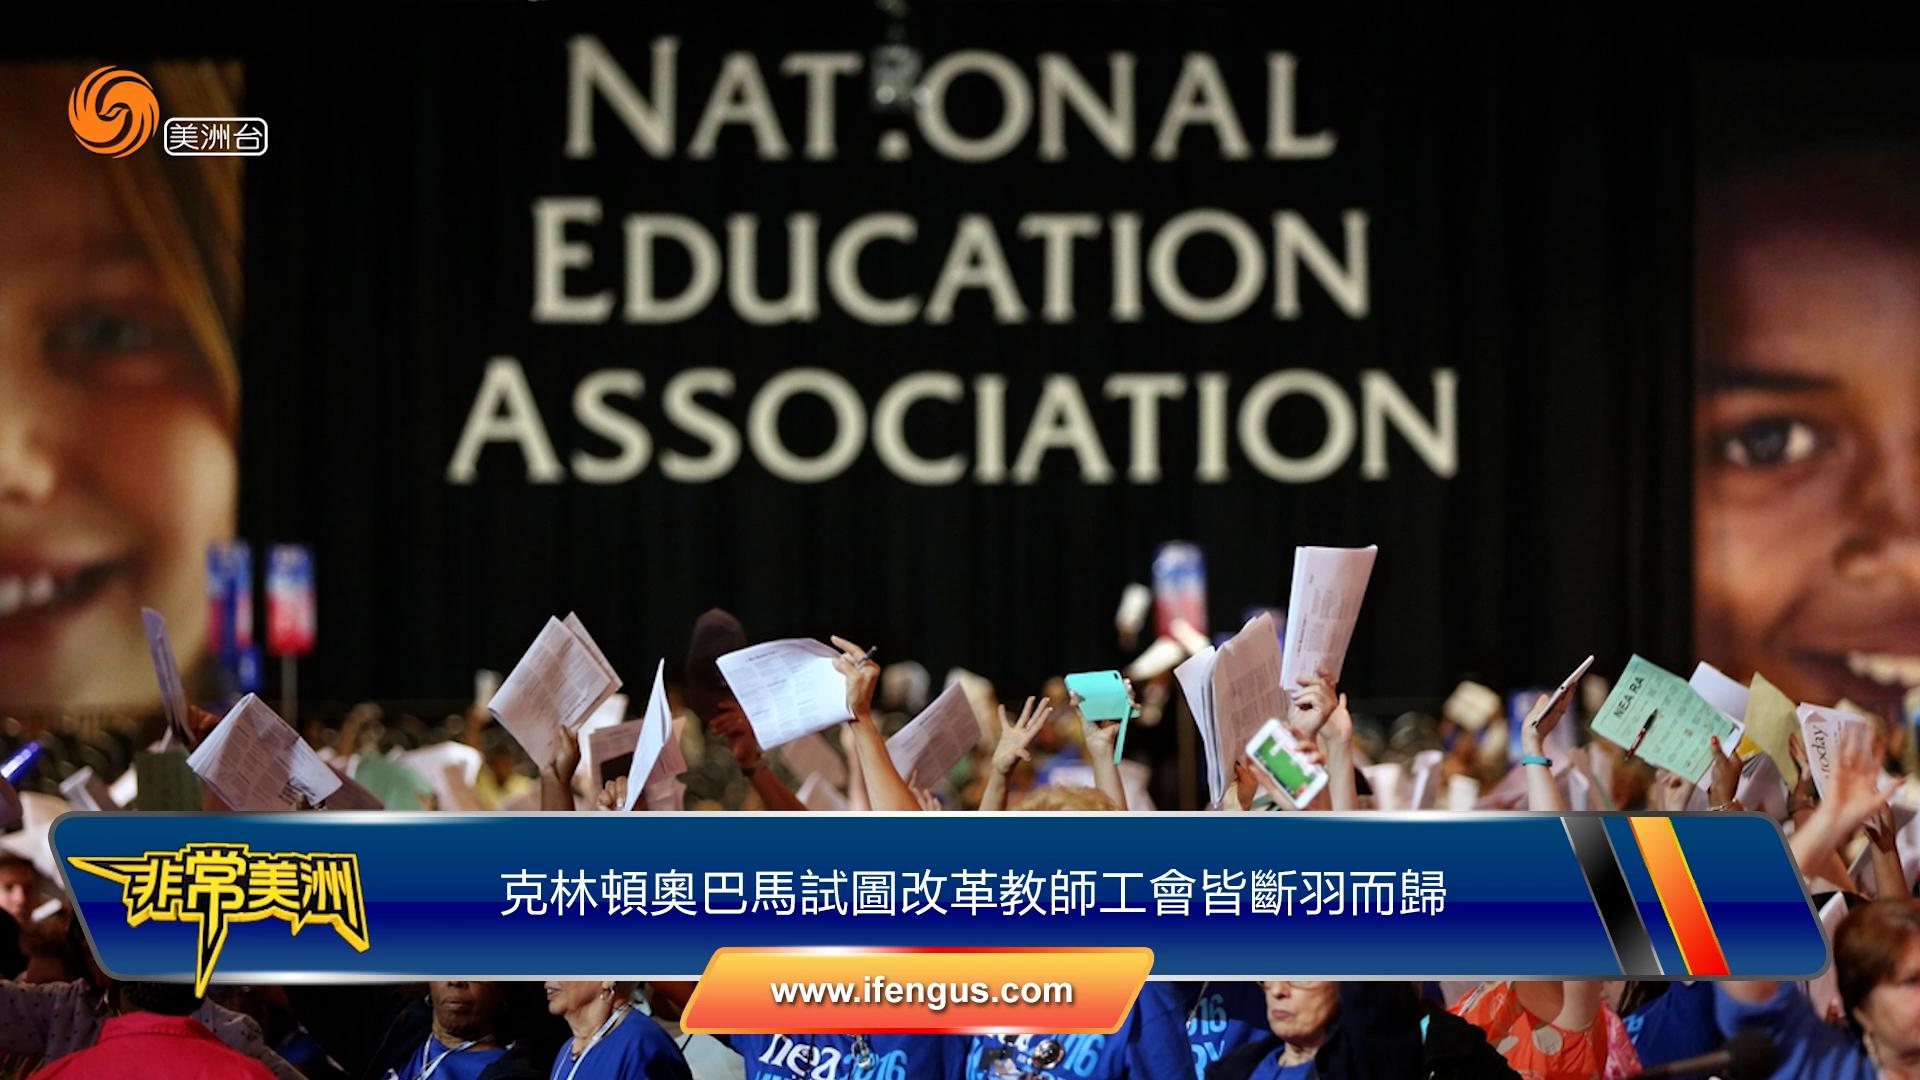 教育分得拜登年度預算大餅 美國教師工會勢力龐大